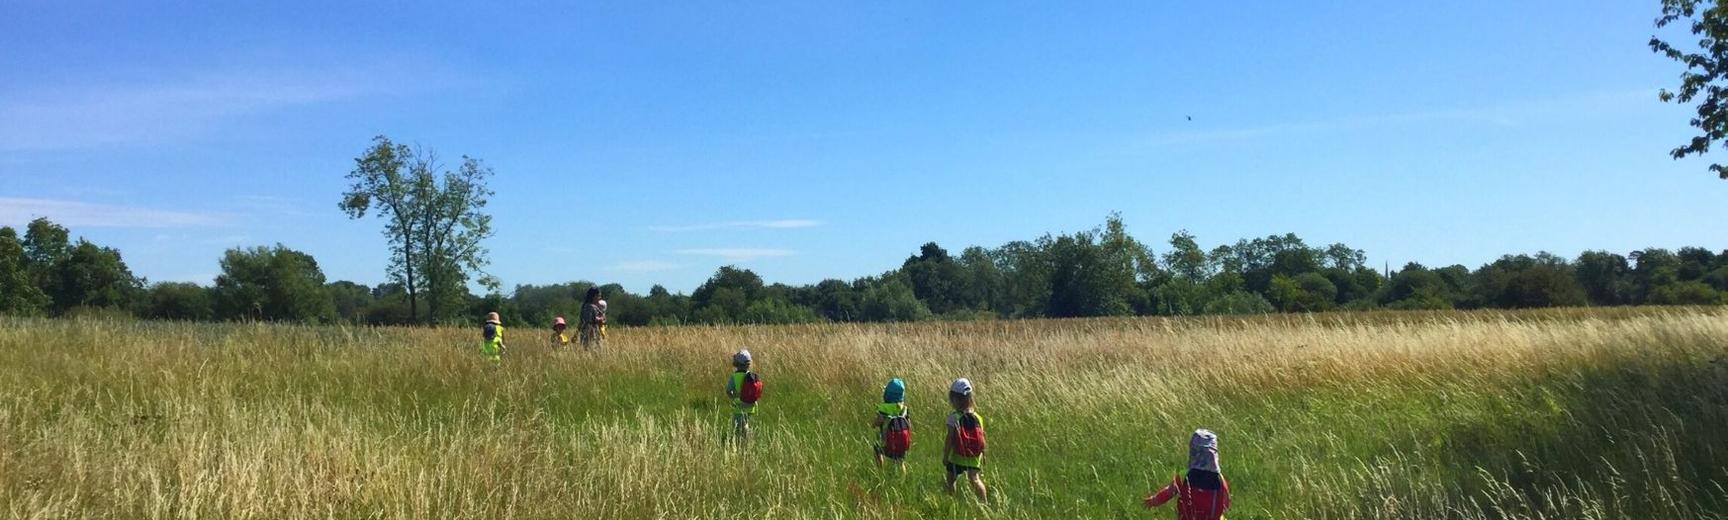 ey kids in field